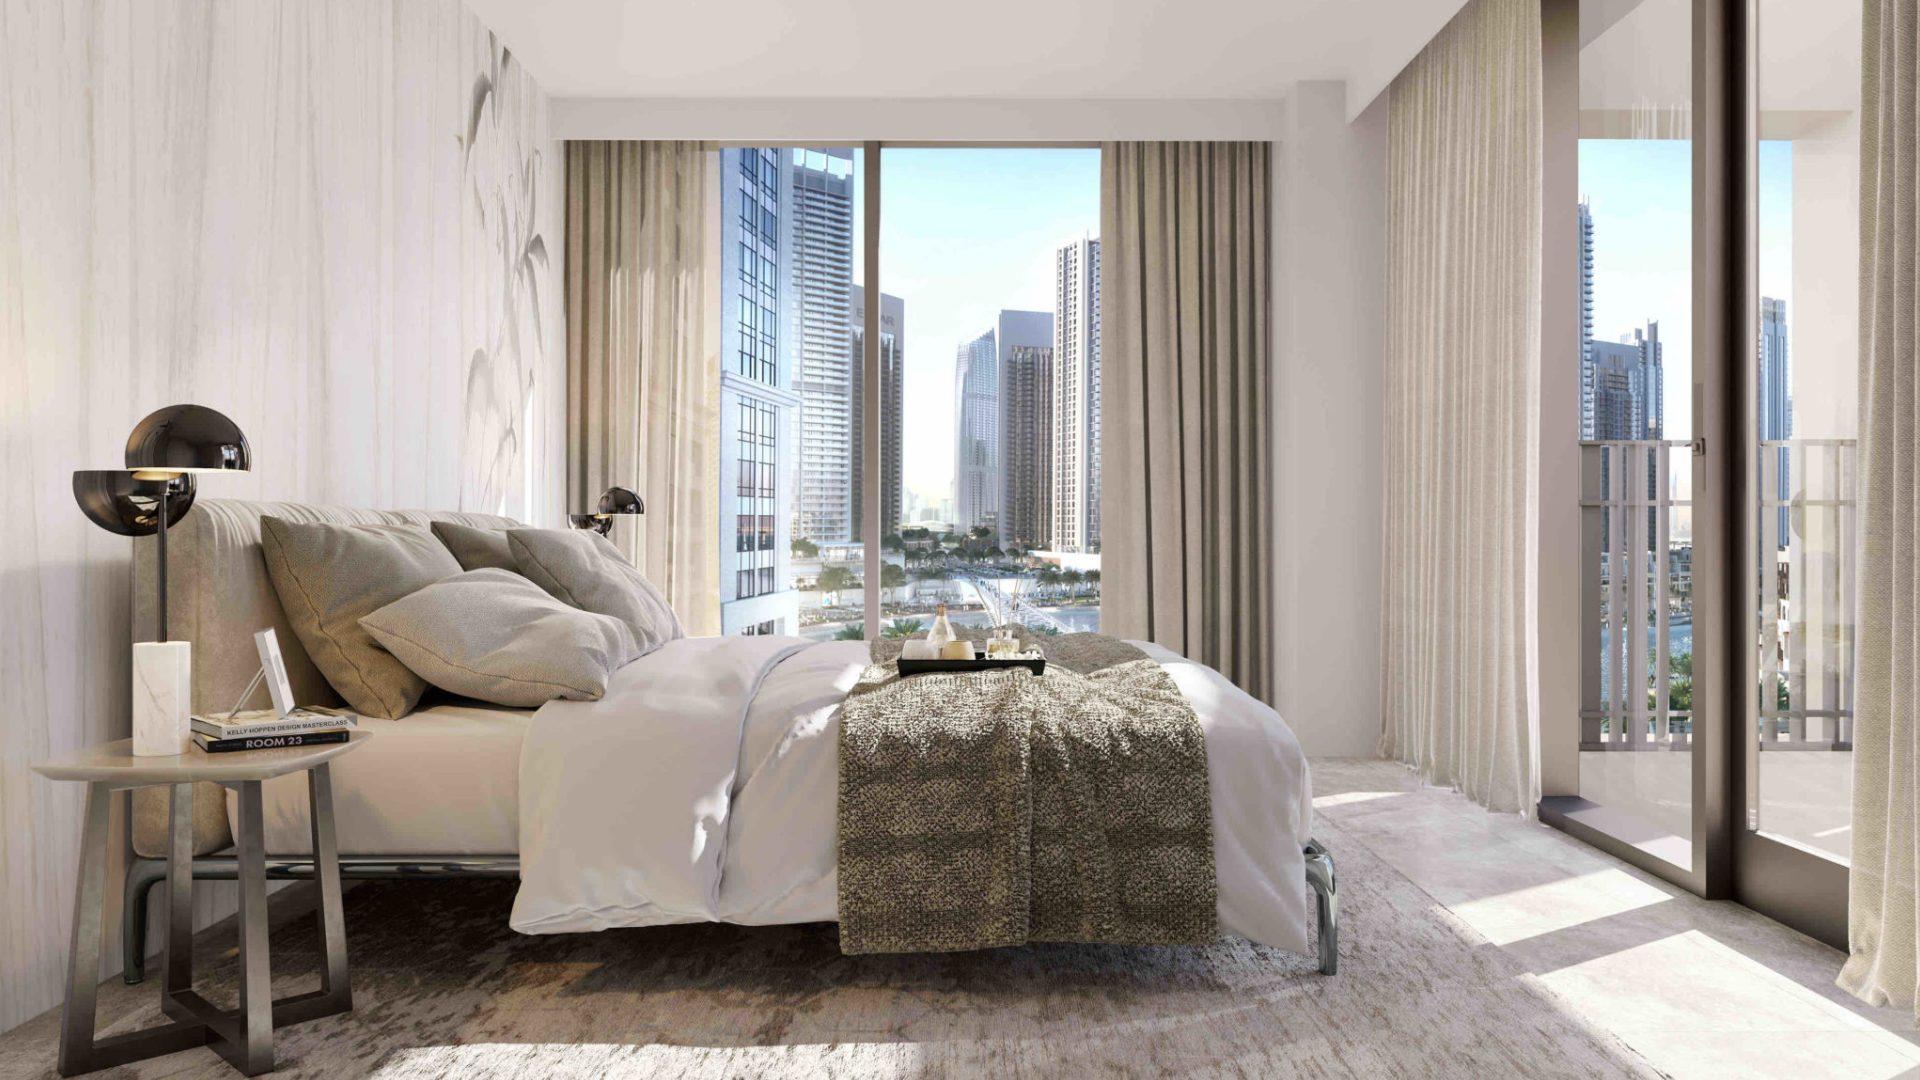 Apartamento en venta en Dubai, EAU, 2 dormitorios, 110 m2, № 24339 – foto 1